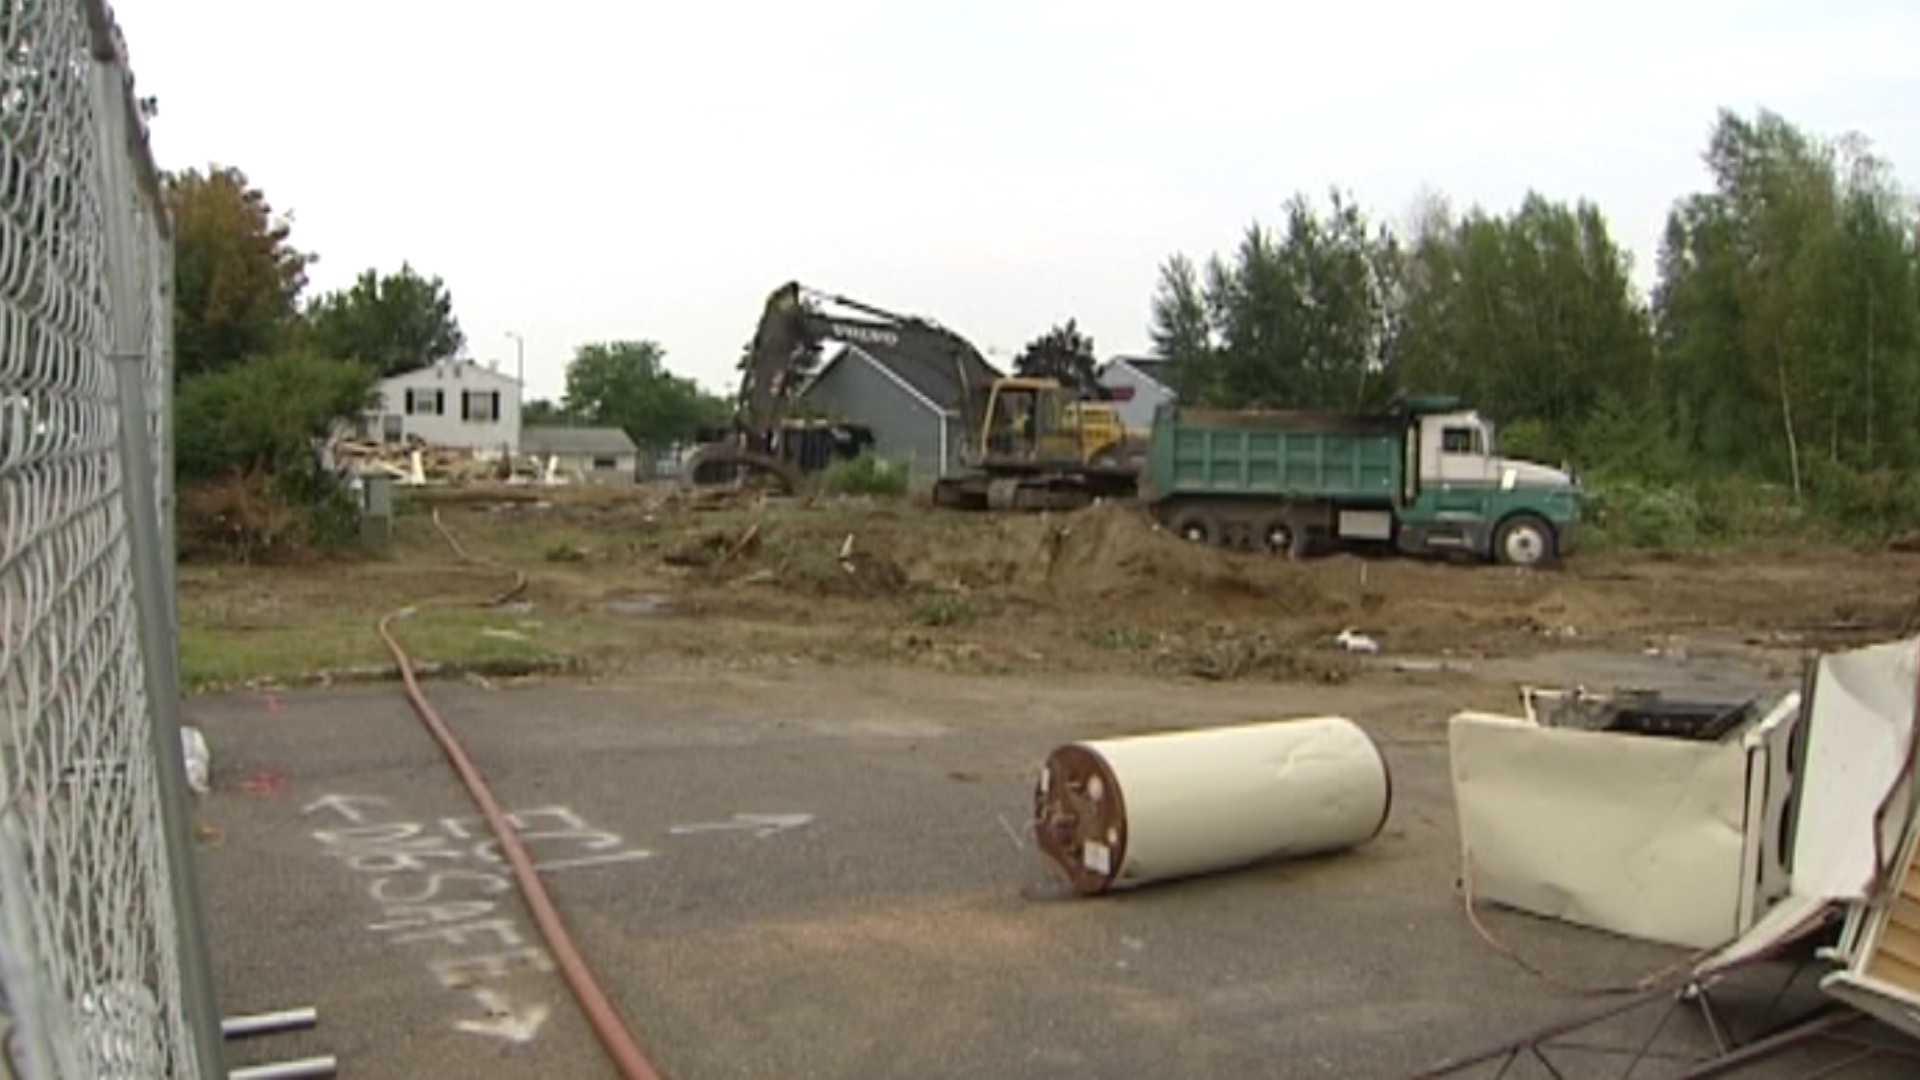 08-22-13 Homes demolished to make way for Trader Joe's - img